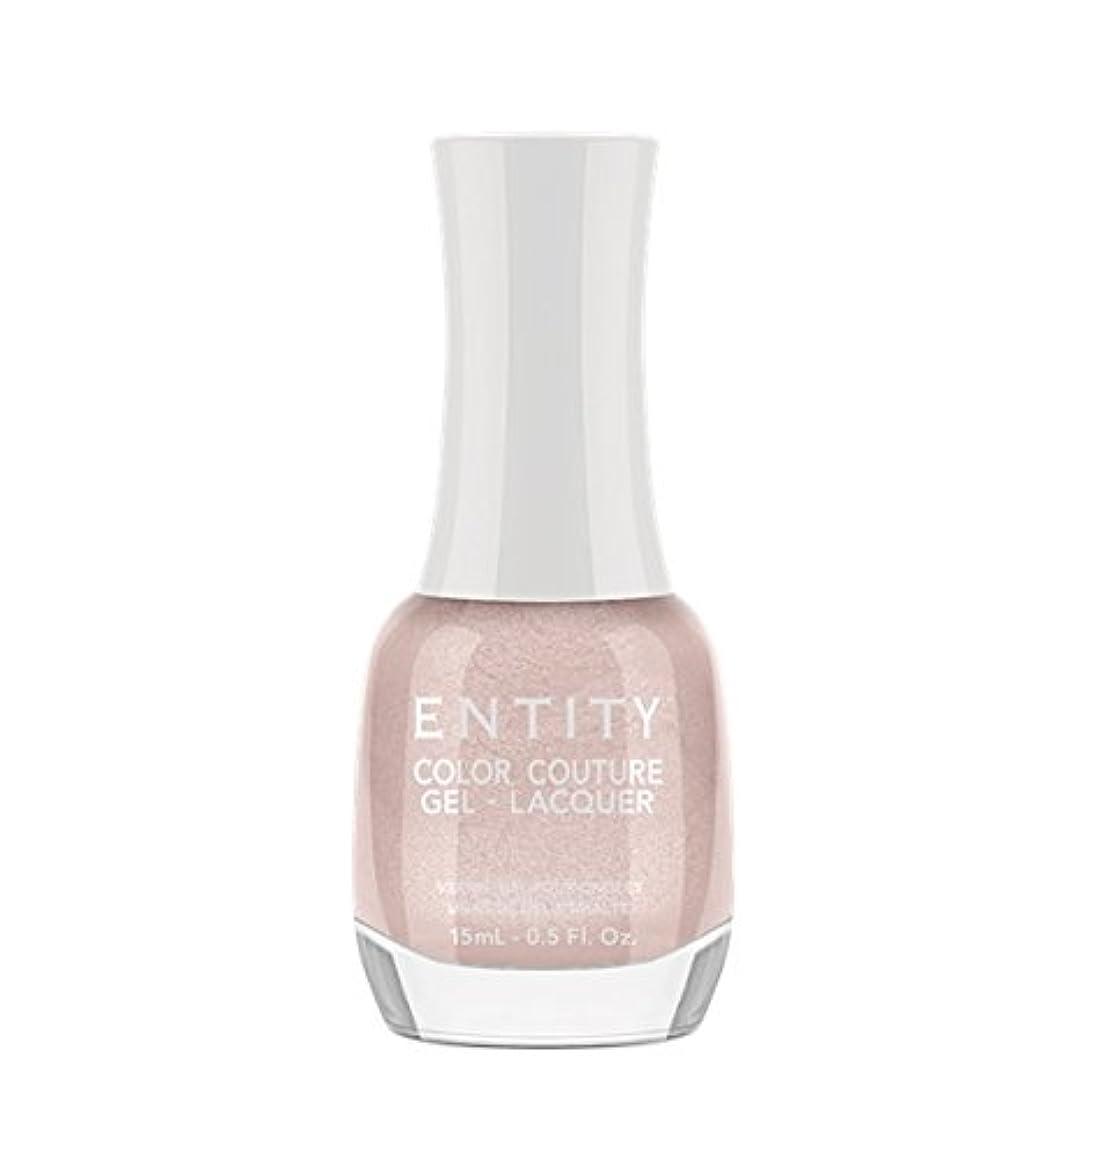 泳ぐタイマーライムEntity Color Couture Gel-Lacquer - Finishing Touch - 15 ml/0.5 oz